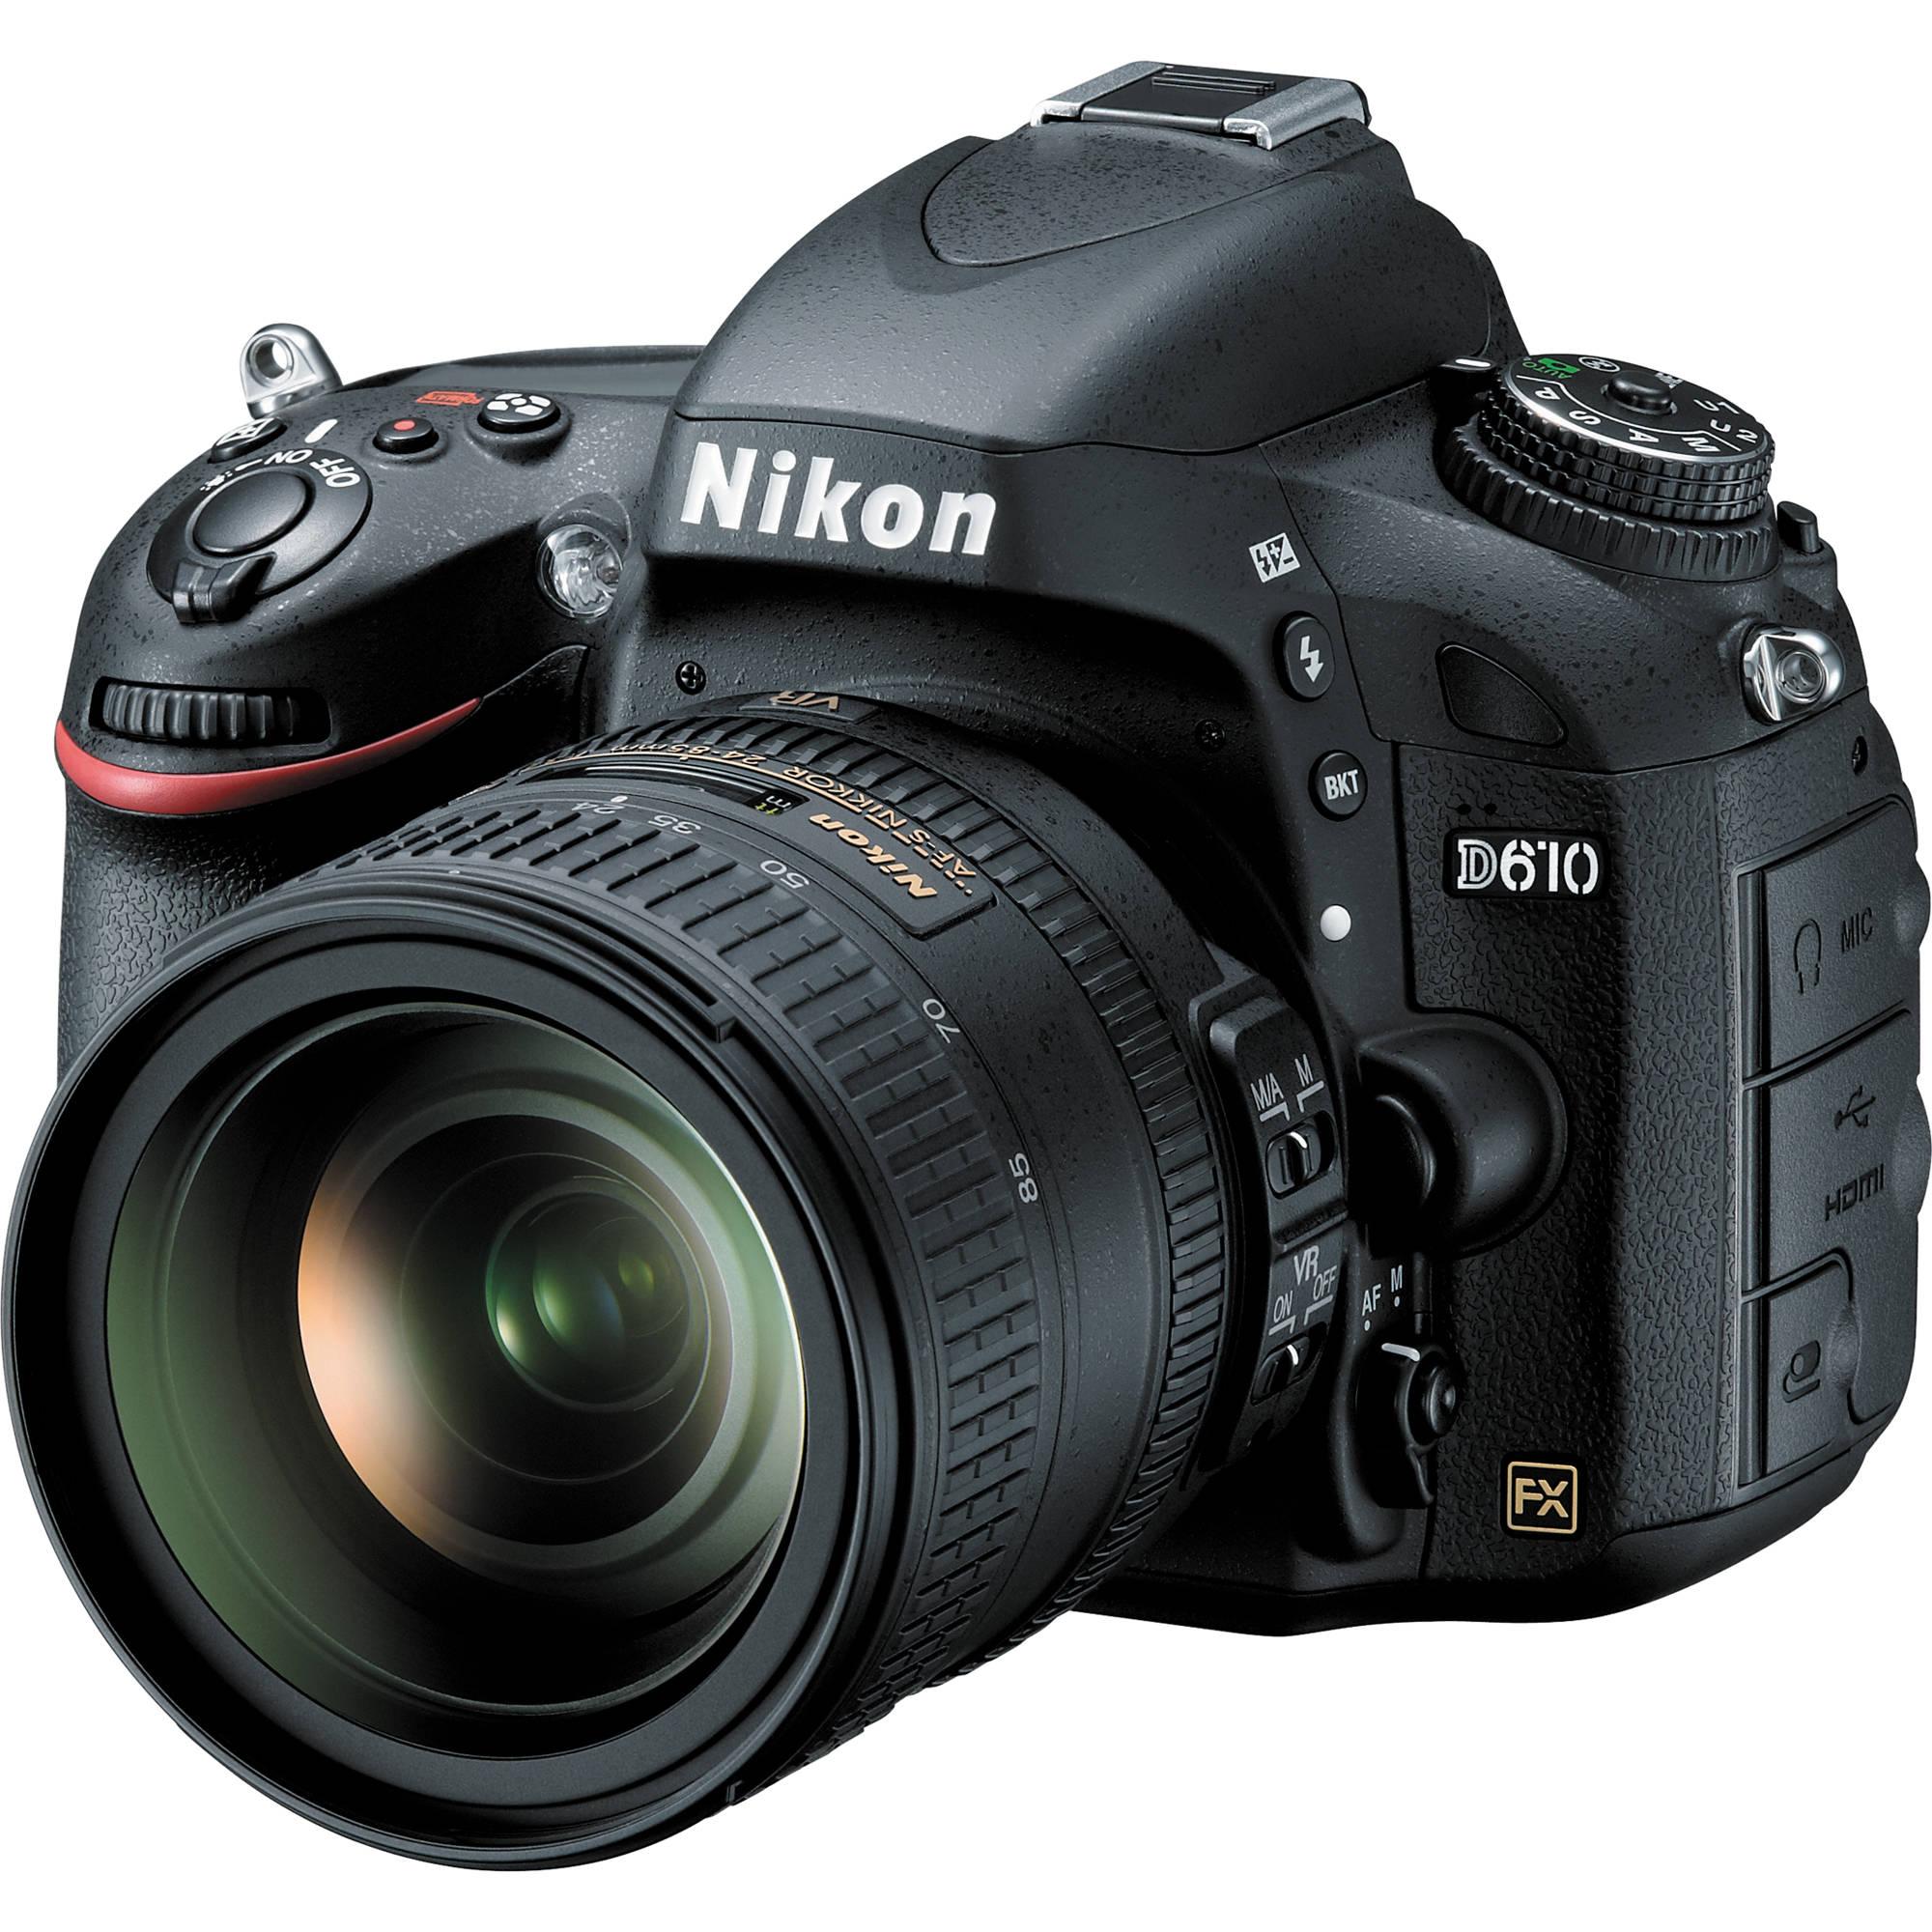 Nikon D610 DSLR Camera...